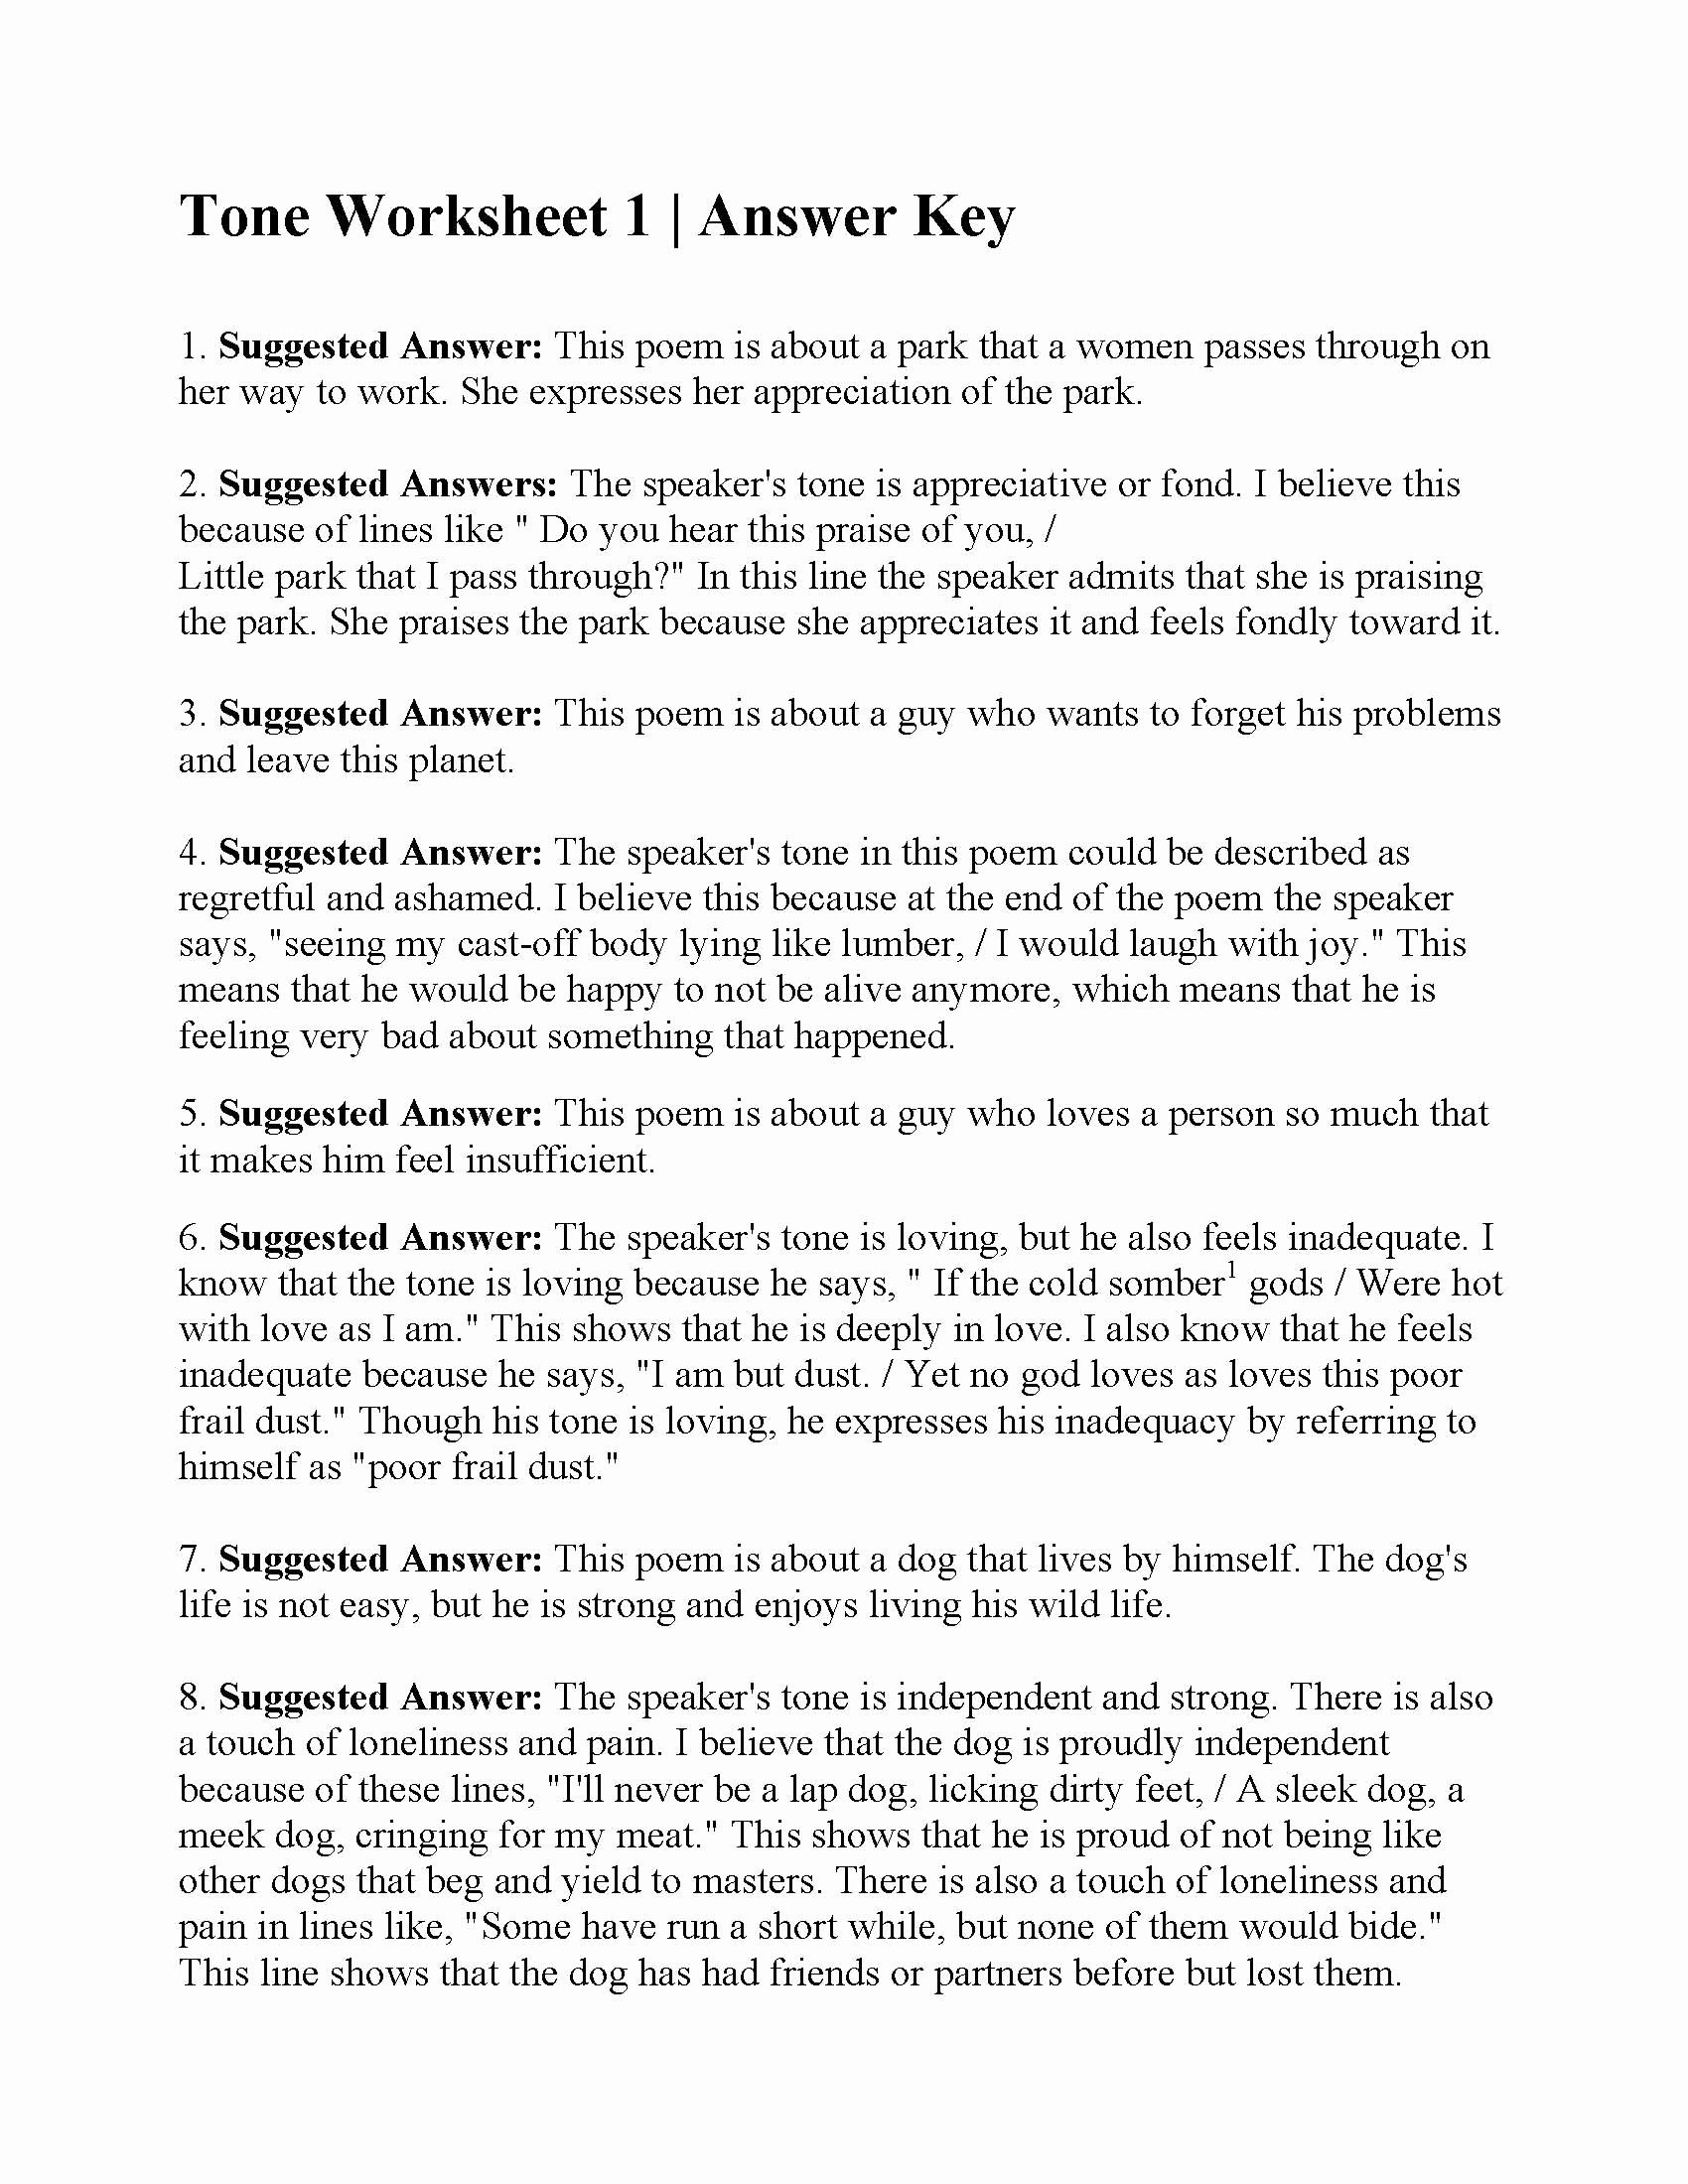 Tone and Mood Worksheet Pdf Lovely tone Worksheet 1